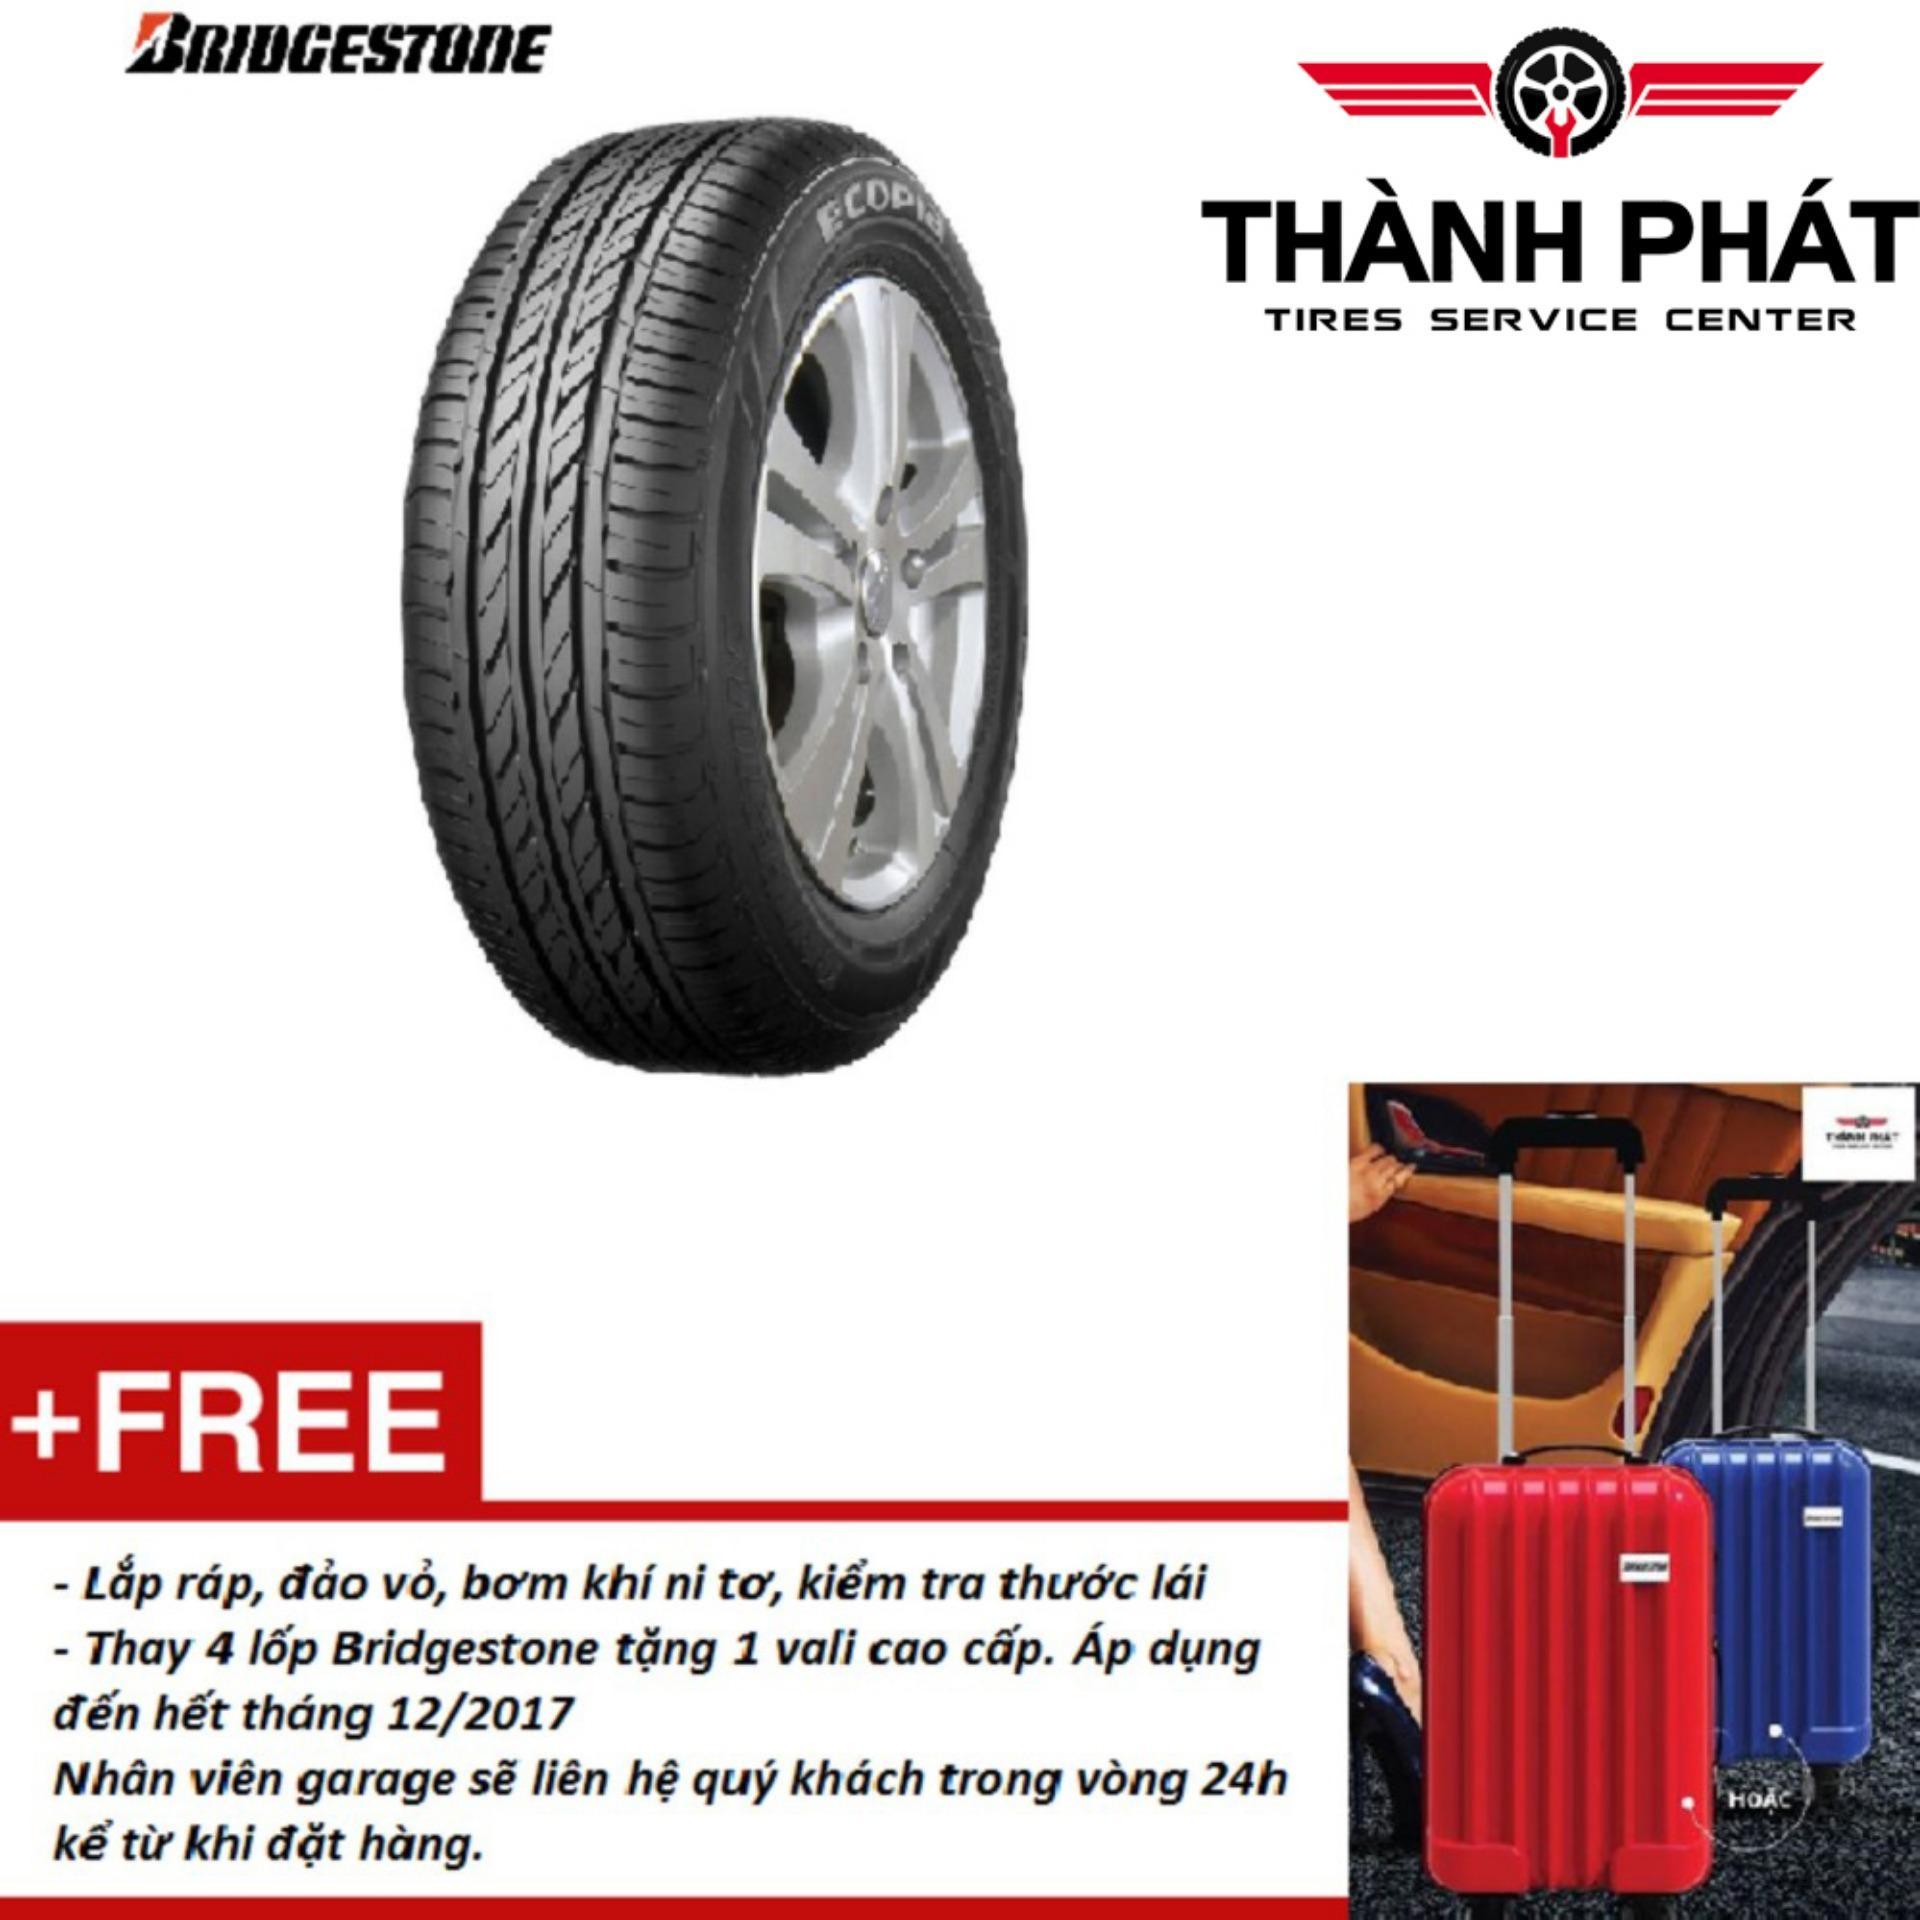 Lốp xe ô tô Bridgestone Ecopia 235/55R19 Miễn phí lắp đặt Nhật Bản